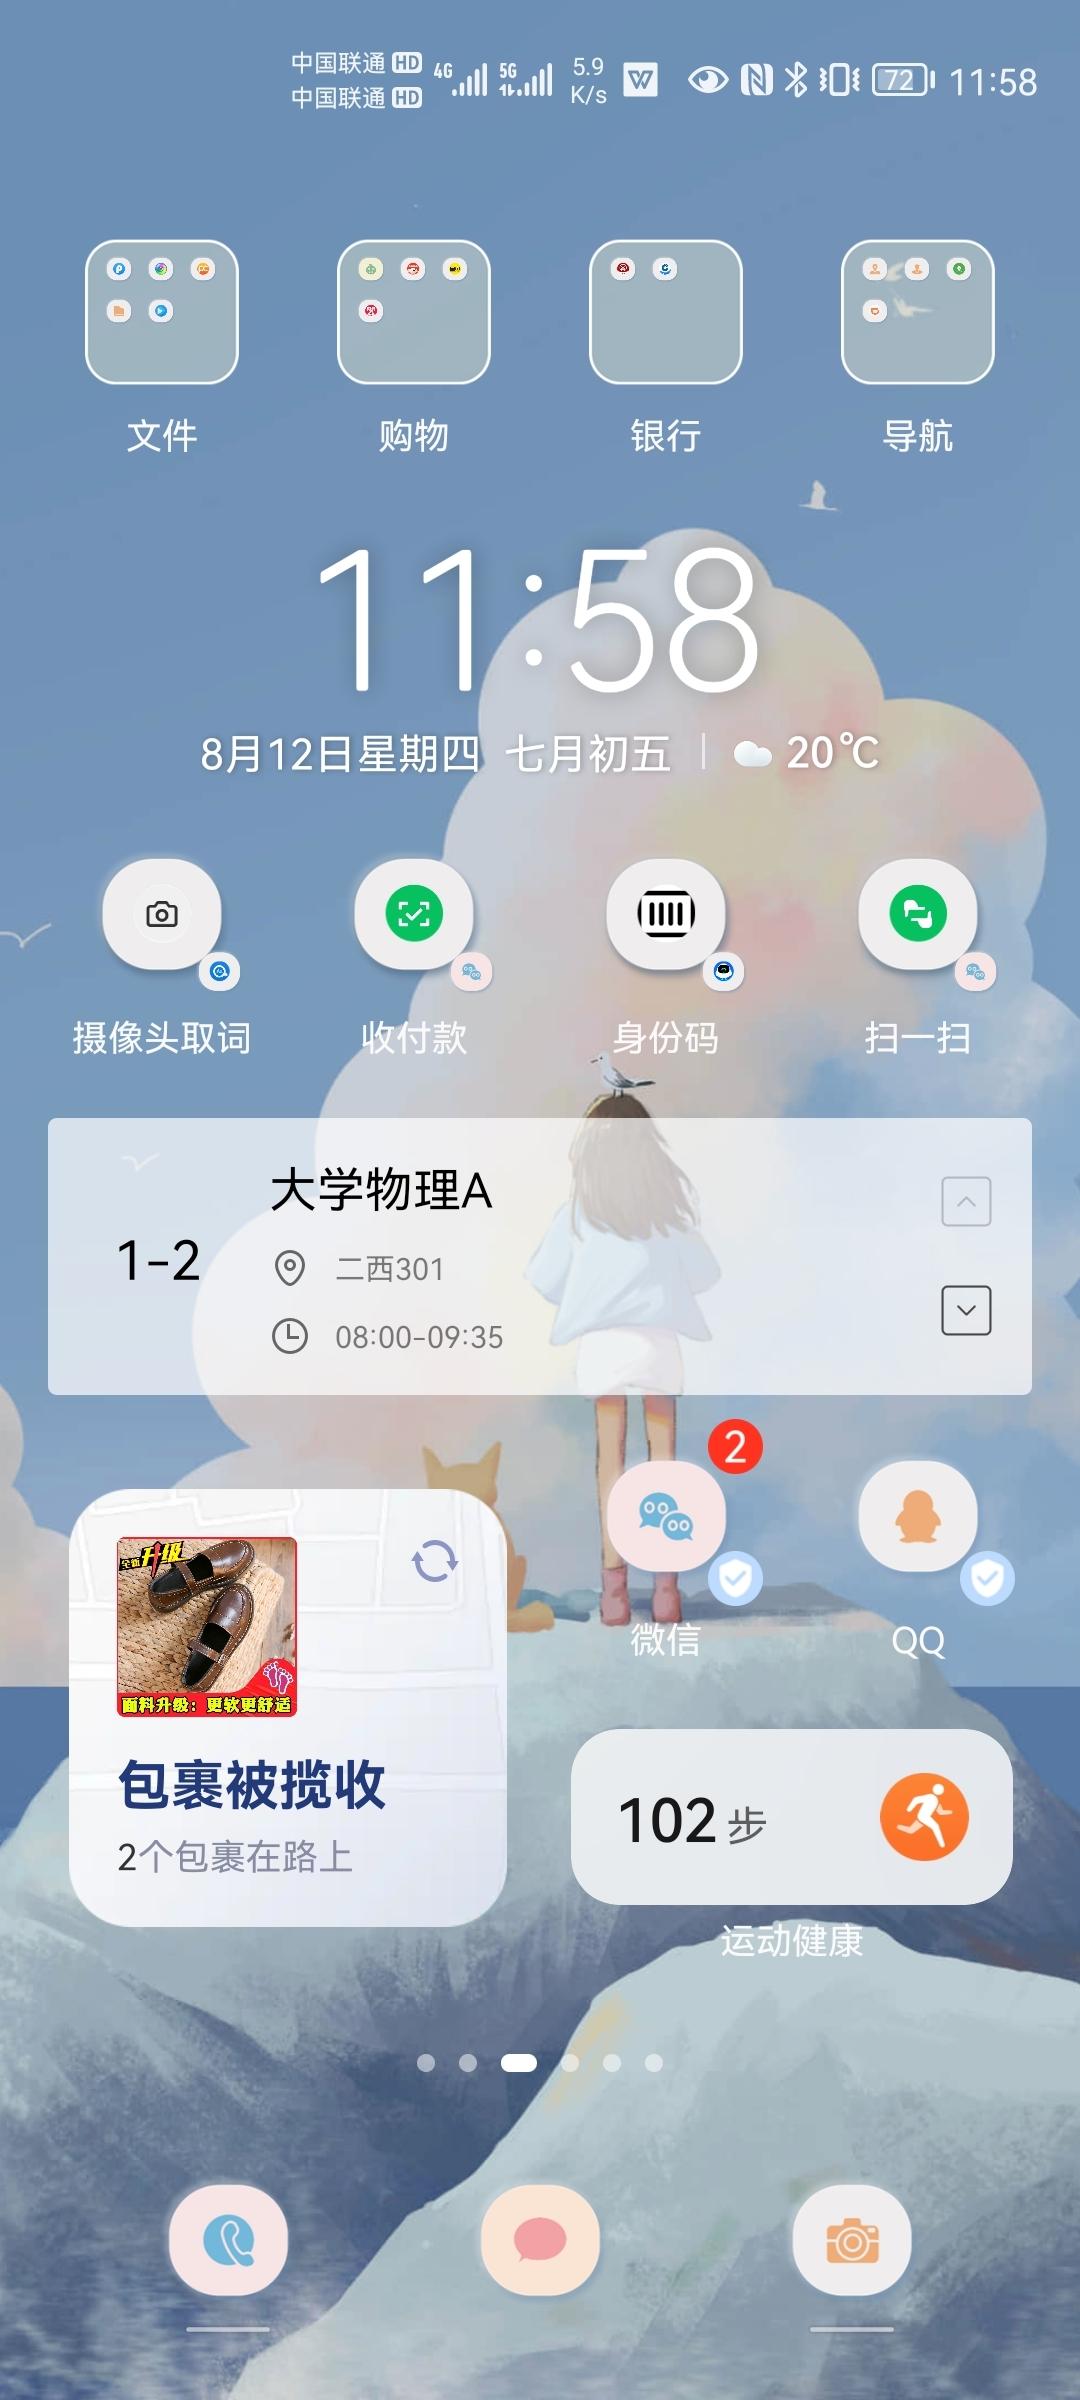 Screenshot_20210812_115807_com.huawei.android.launcher.jpg